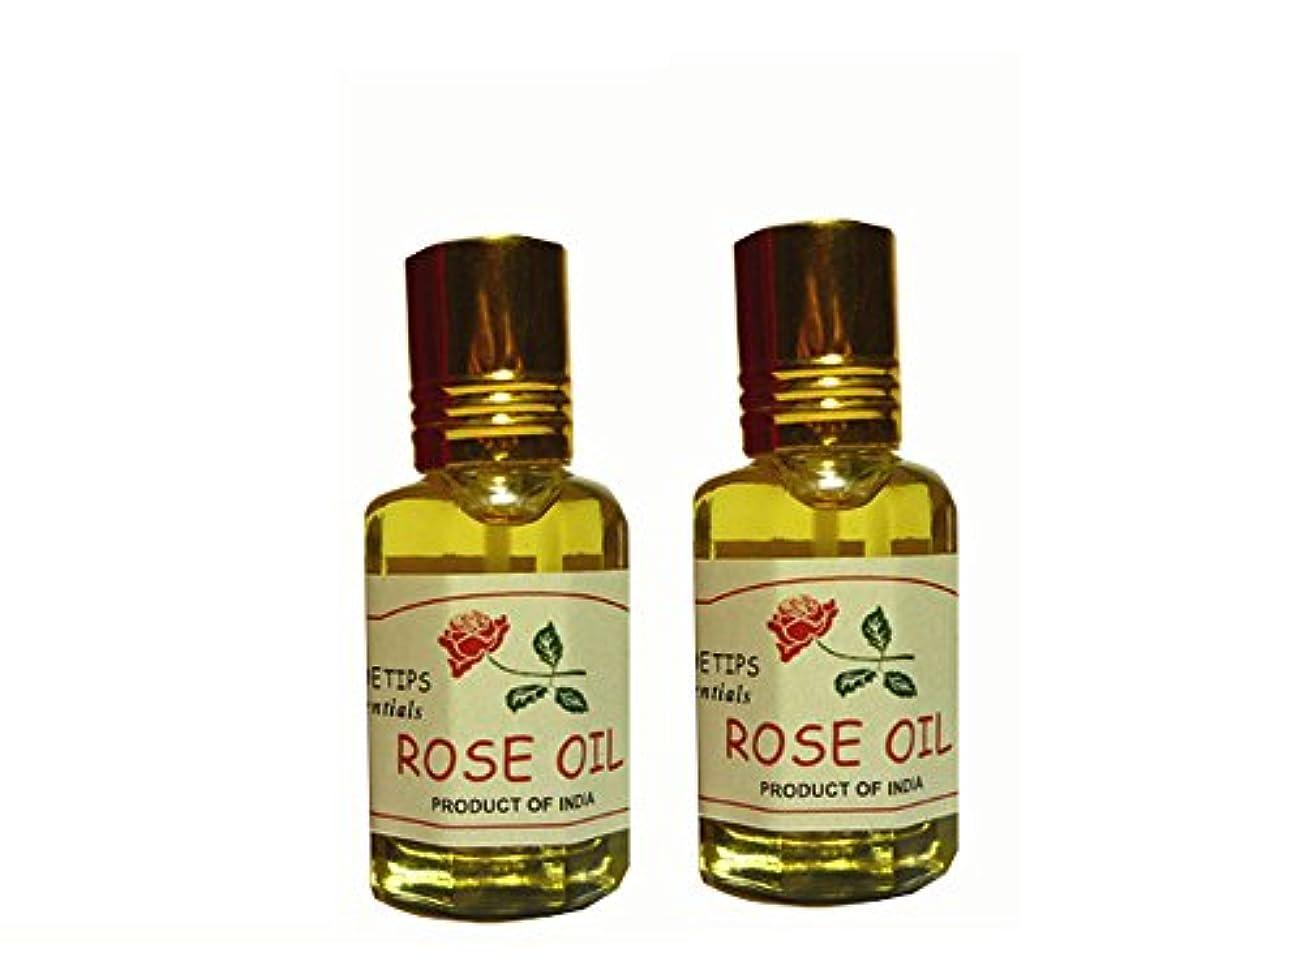 父方のから賛辞ペコー ティップス ダマスクローズ オイル オット 100%精油(インド産 精油) 2本 PEKOE TIPS TEA ROSE ESSENTIAL OIL ROSA DAMASCENA(Damask rose) 12ml...